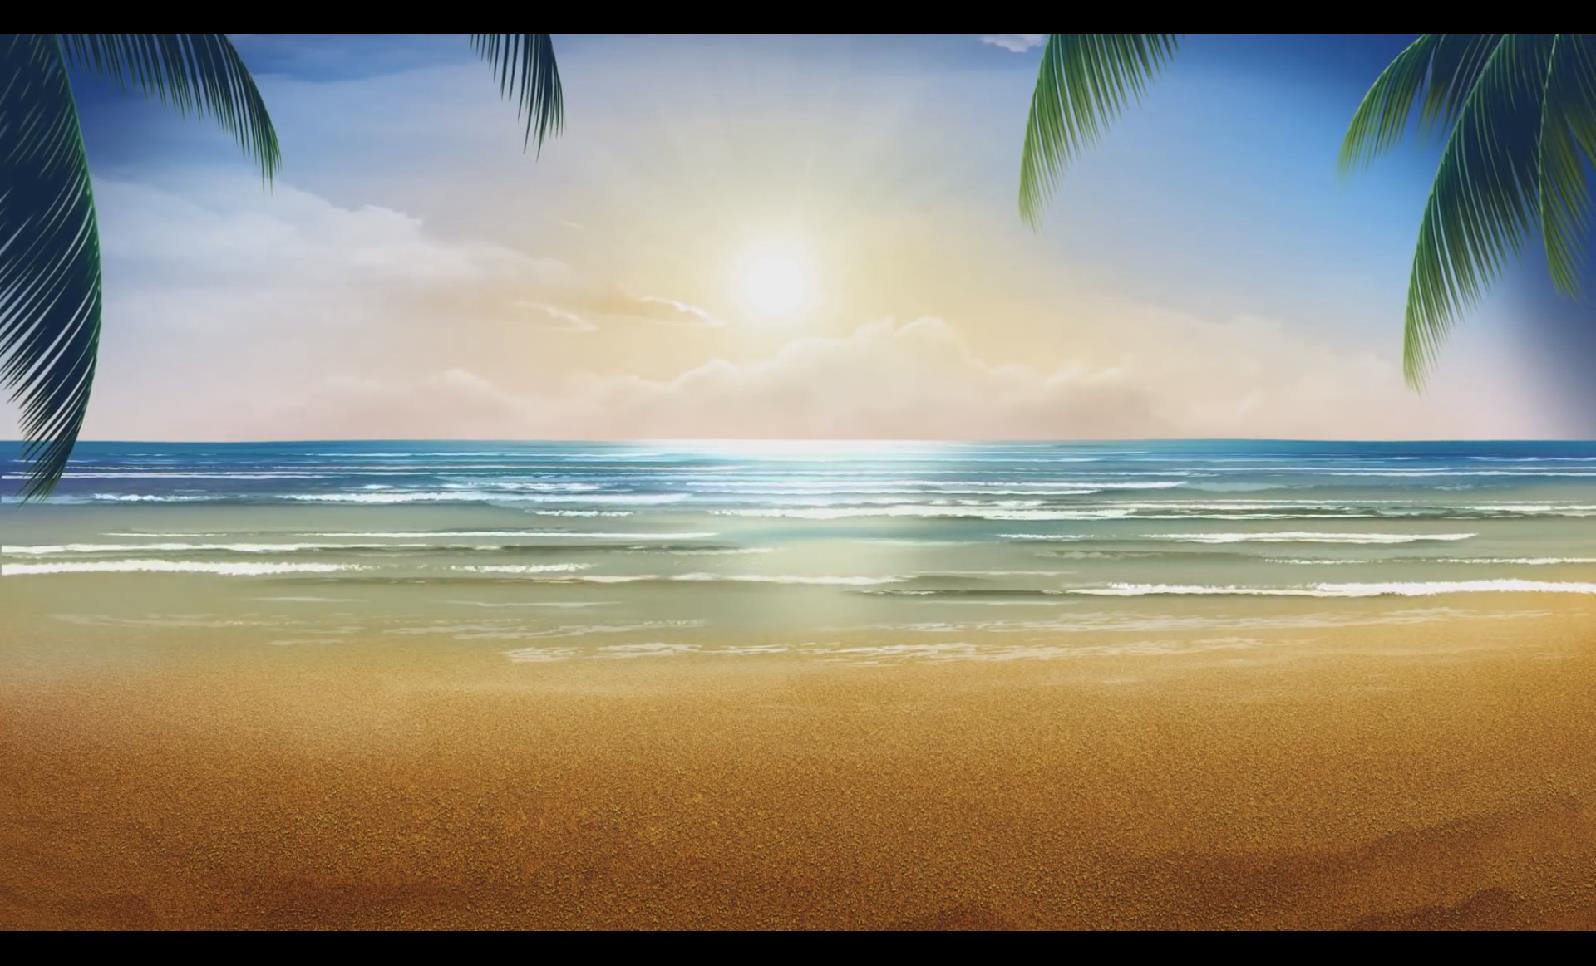 VJ 006 阳光沙滩背景